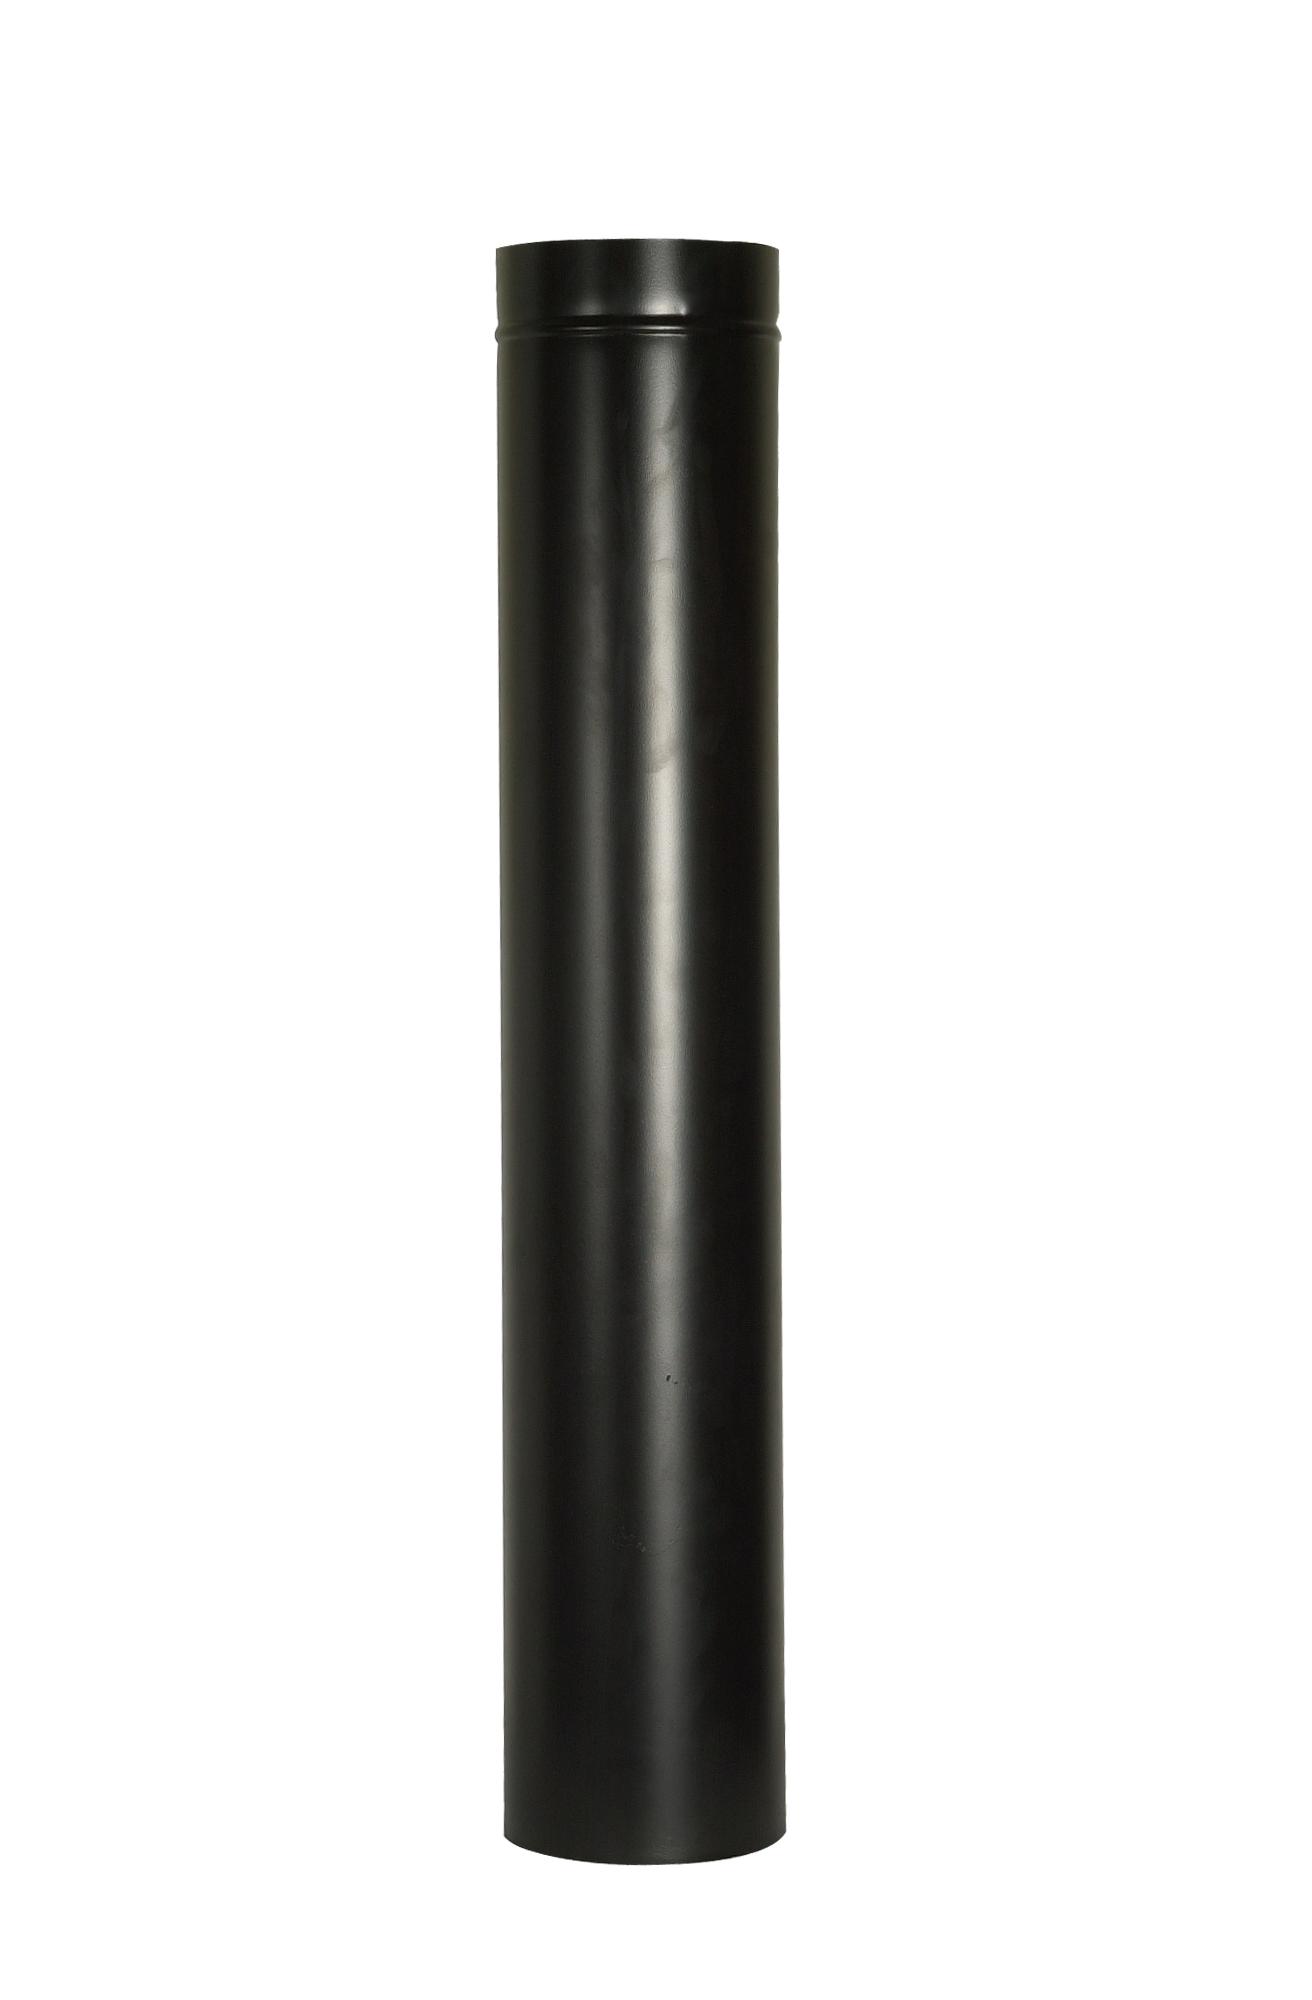 Tubo/cano  para instalação para fogão/lareira/calefator diâmetro 15 cm